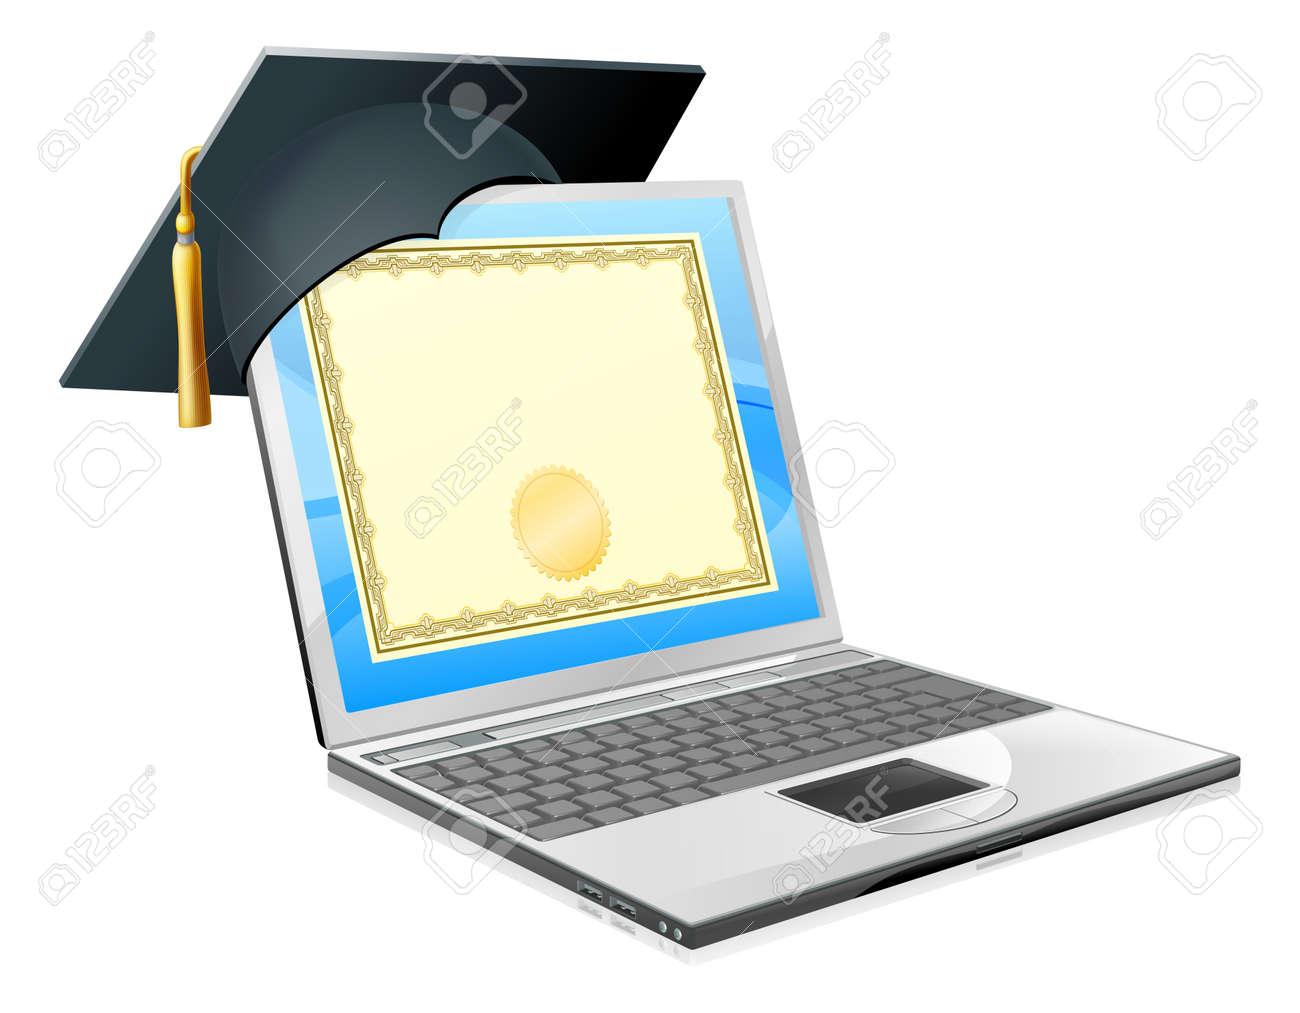 Education Laptop Konzept Illustration Von Einem Laptop Computer Mit